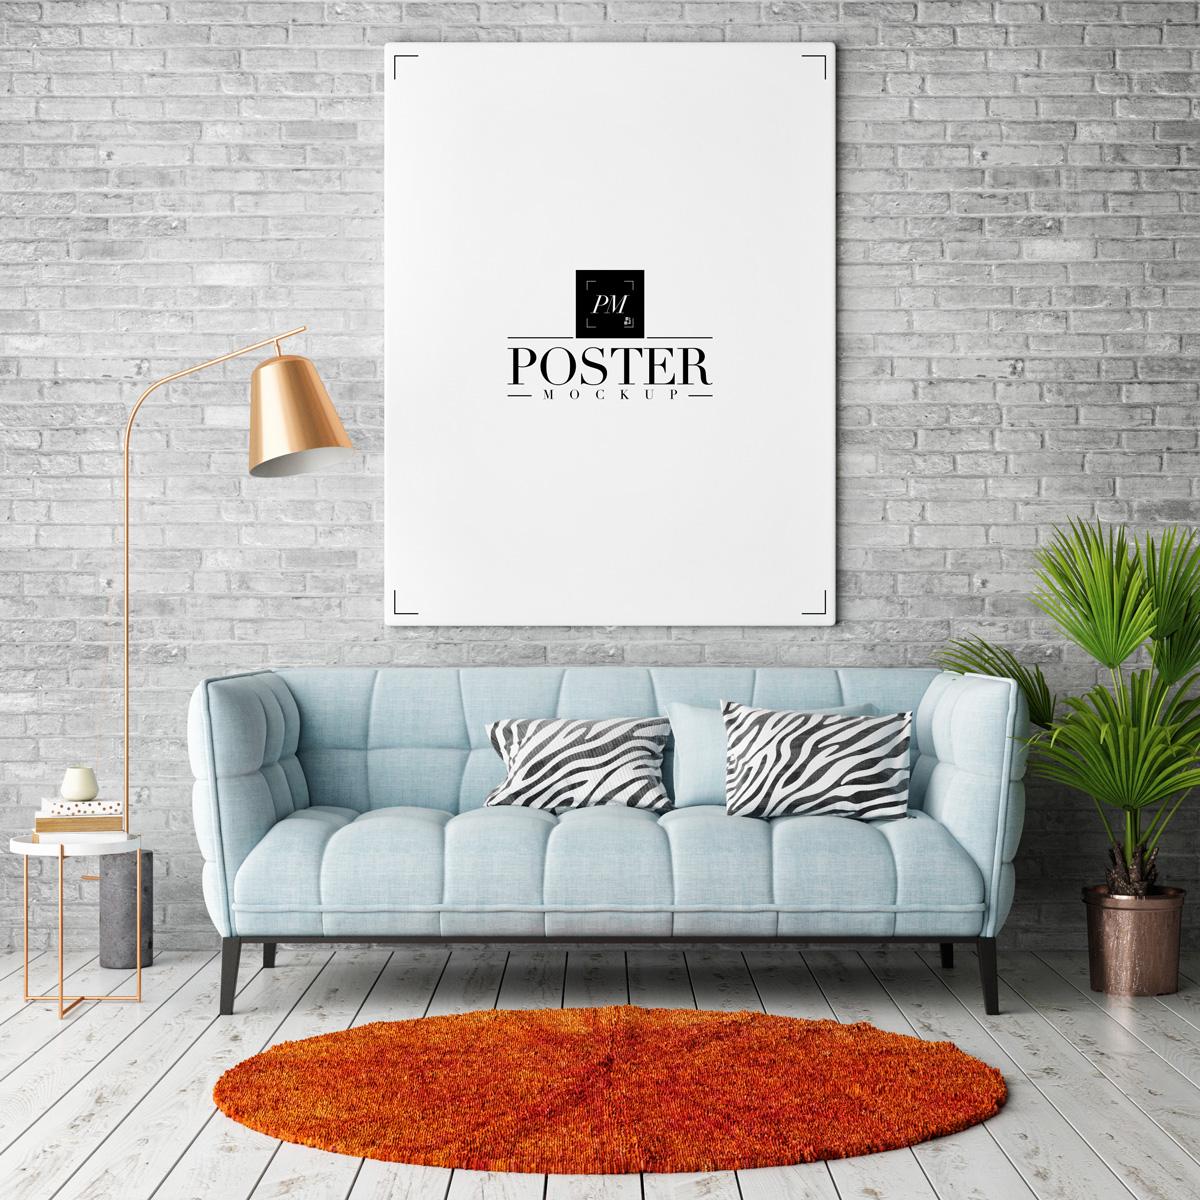 Elegant Room Interior Frame Poster Mockup